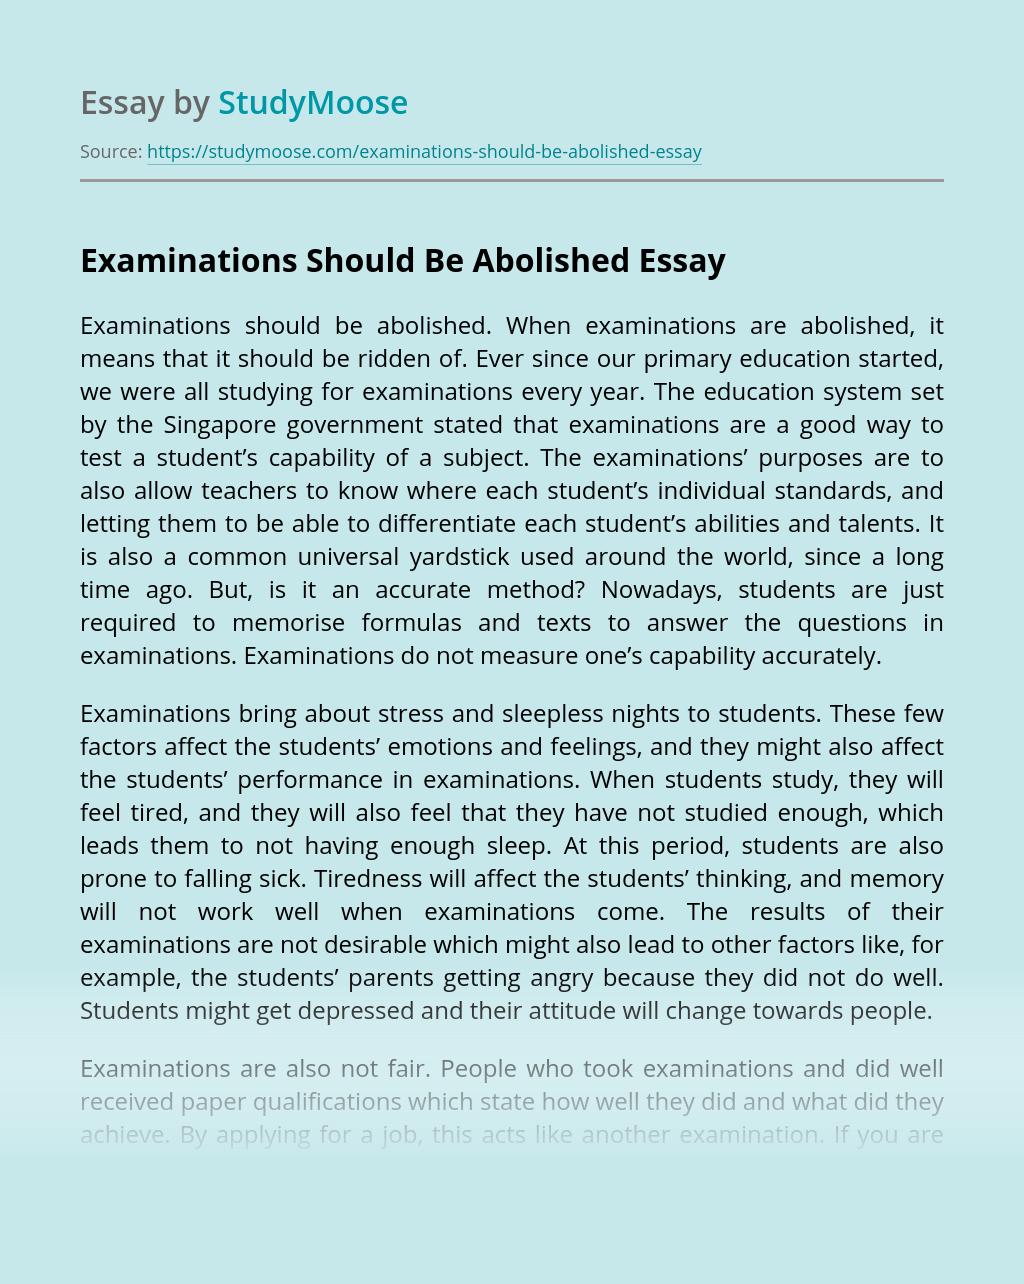 Examinations Should Be Abolished